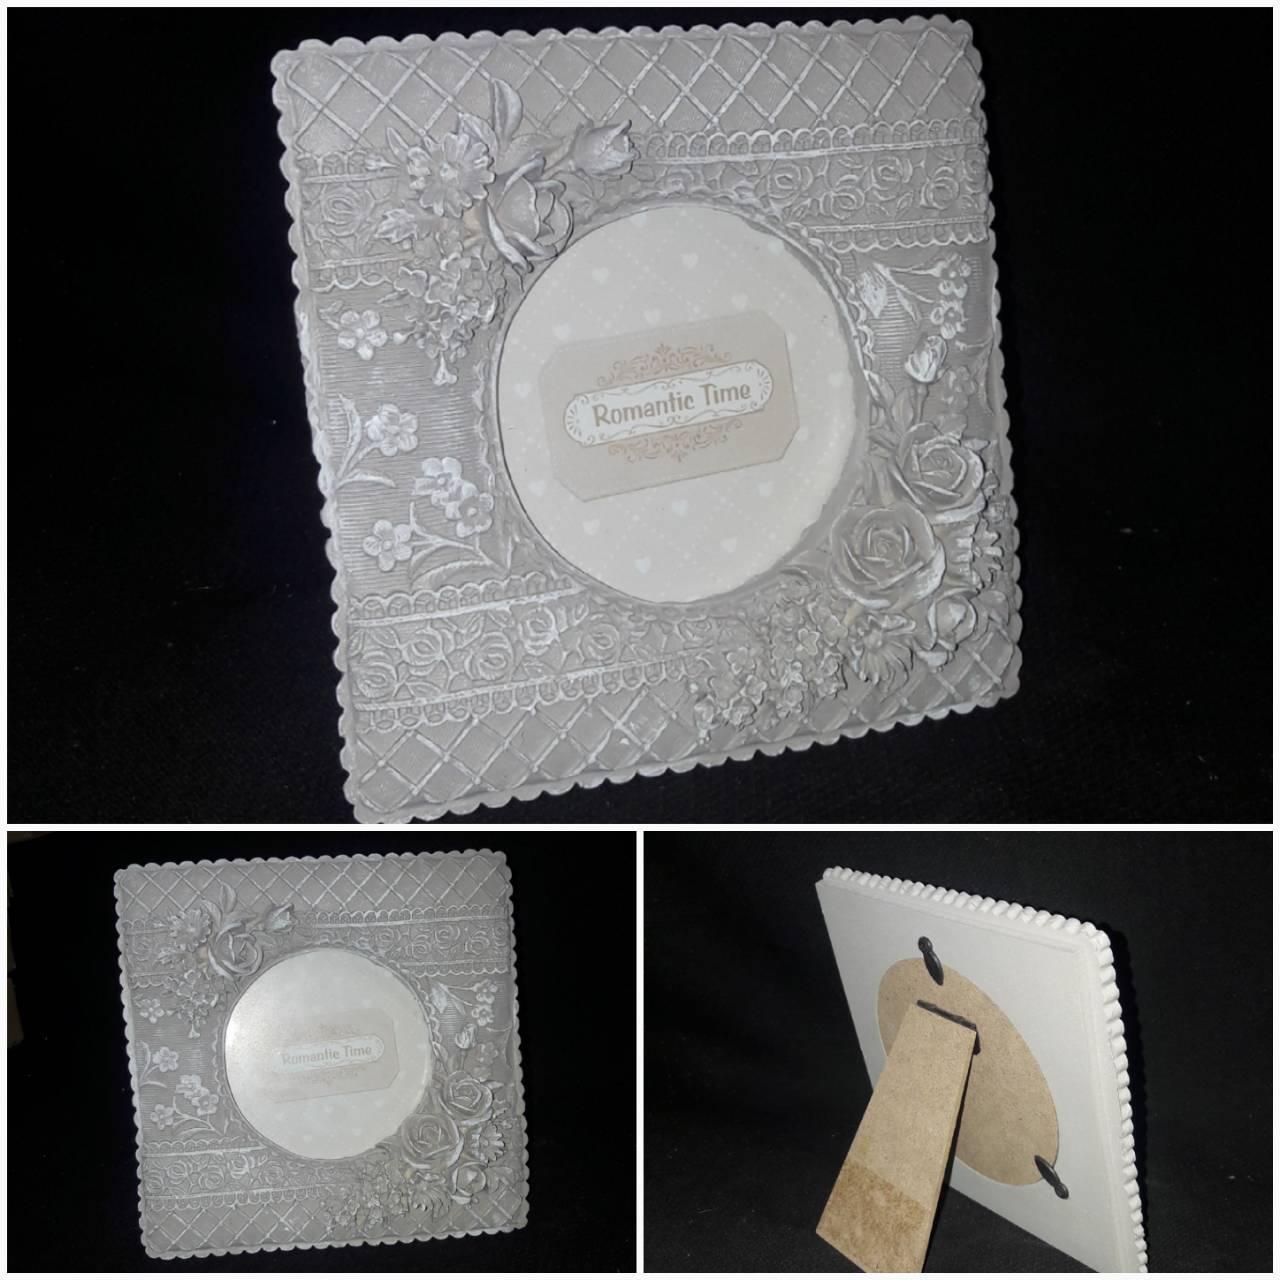 Поликерамическая рамка для фото, рамка 14х14 см., фото диам. 9.5 см., 160 гр.